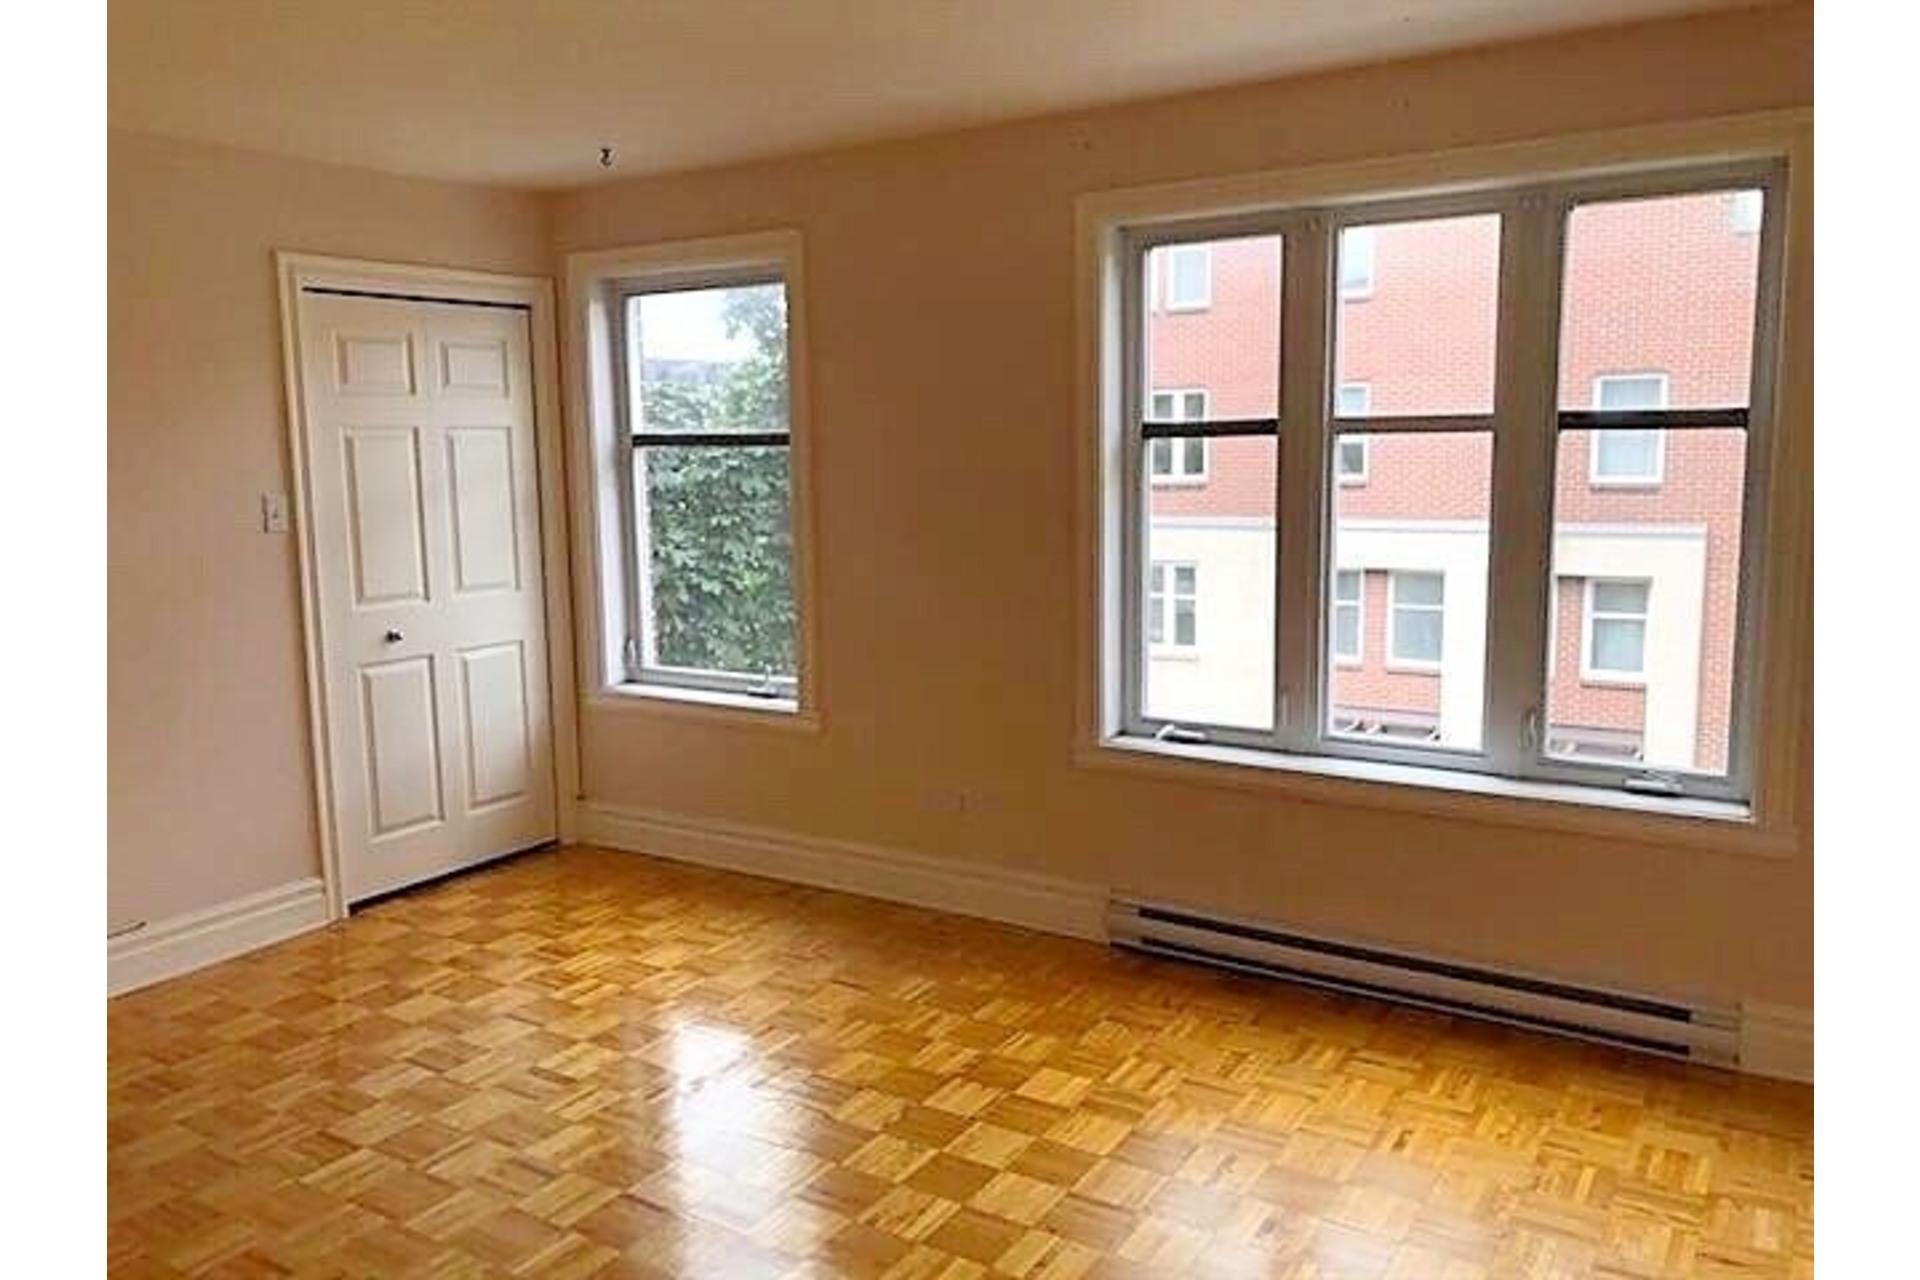 image 7 - Apartment For rent Ville-Marie Montréal  - 9 rooms